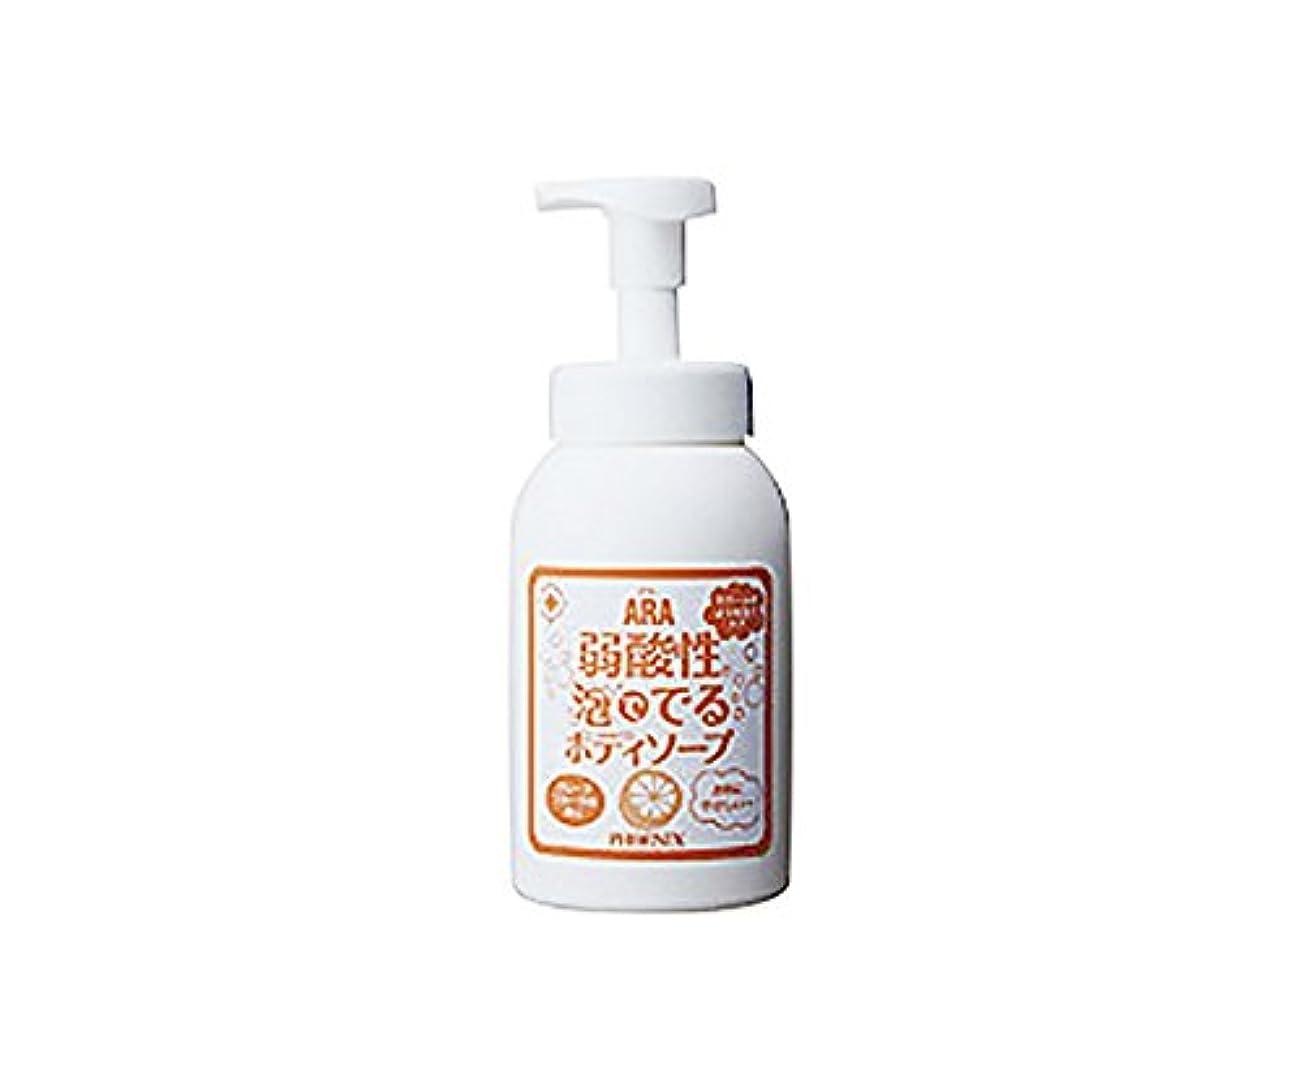 洗剤読みやすい広告する弱酸性泡ででるボディソープ (アラ) 550mL /7-2238-01